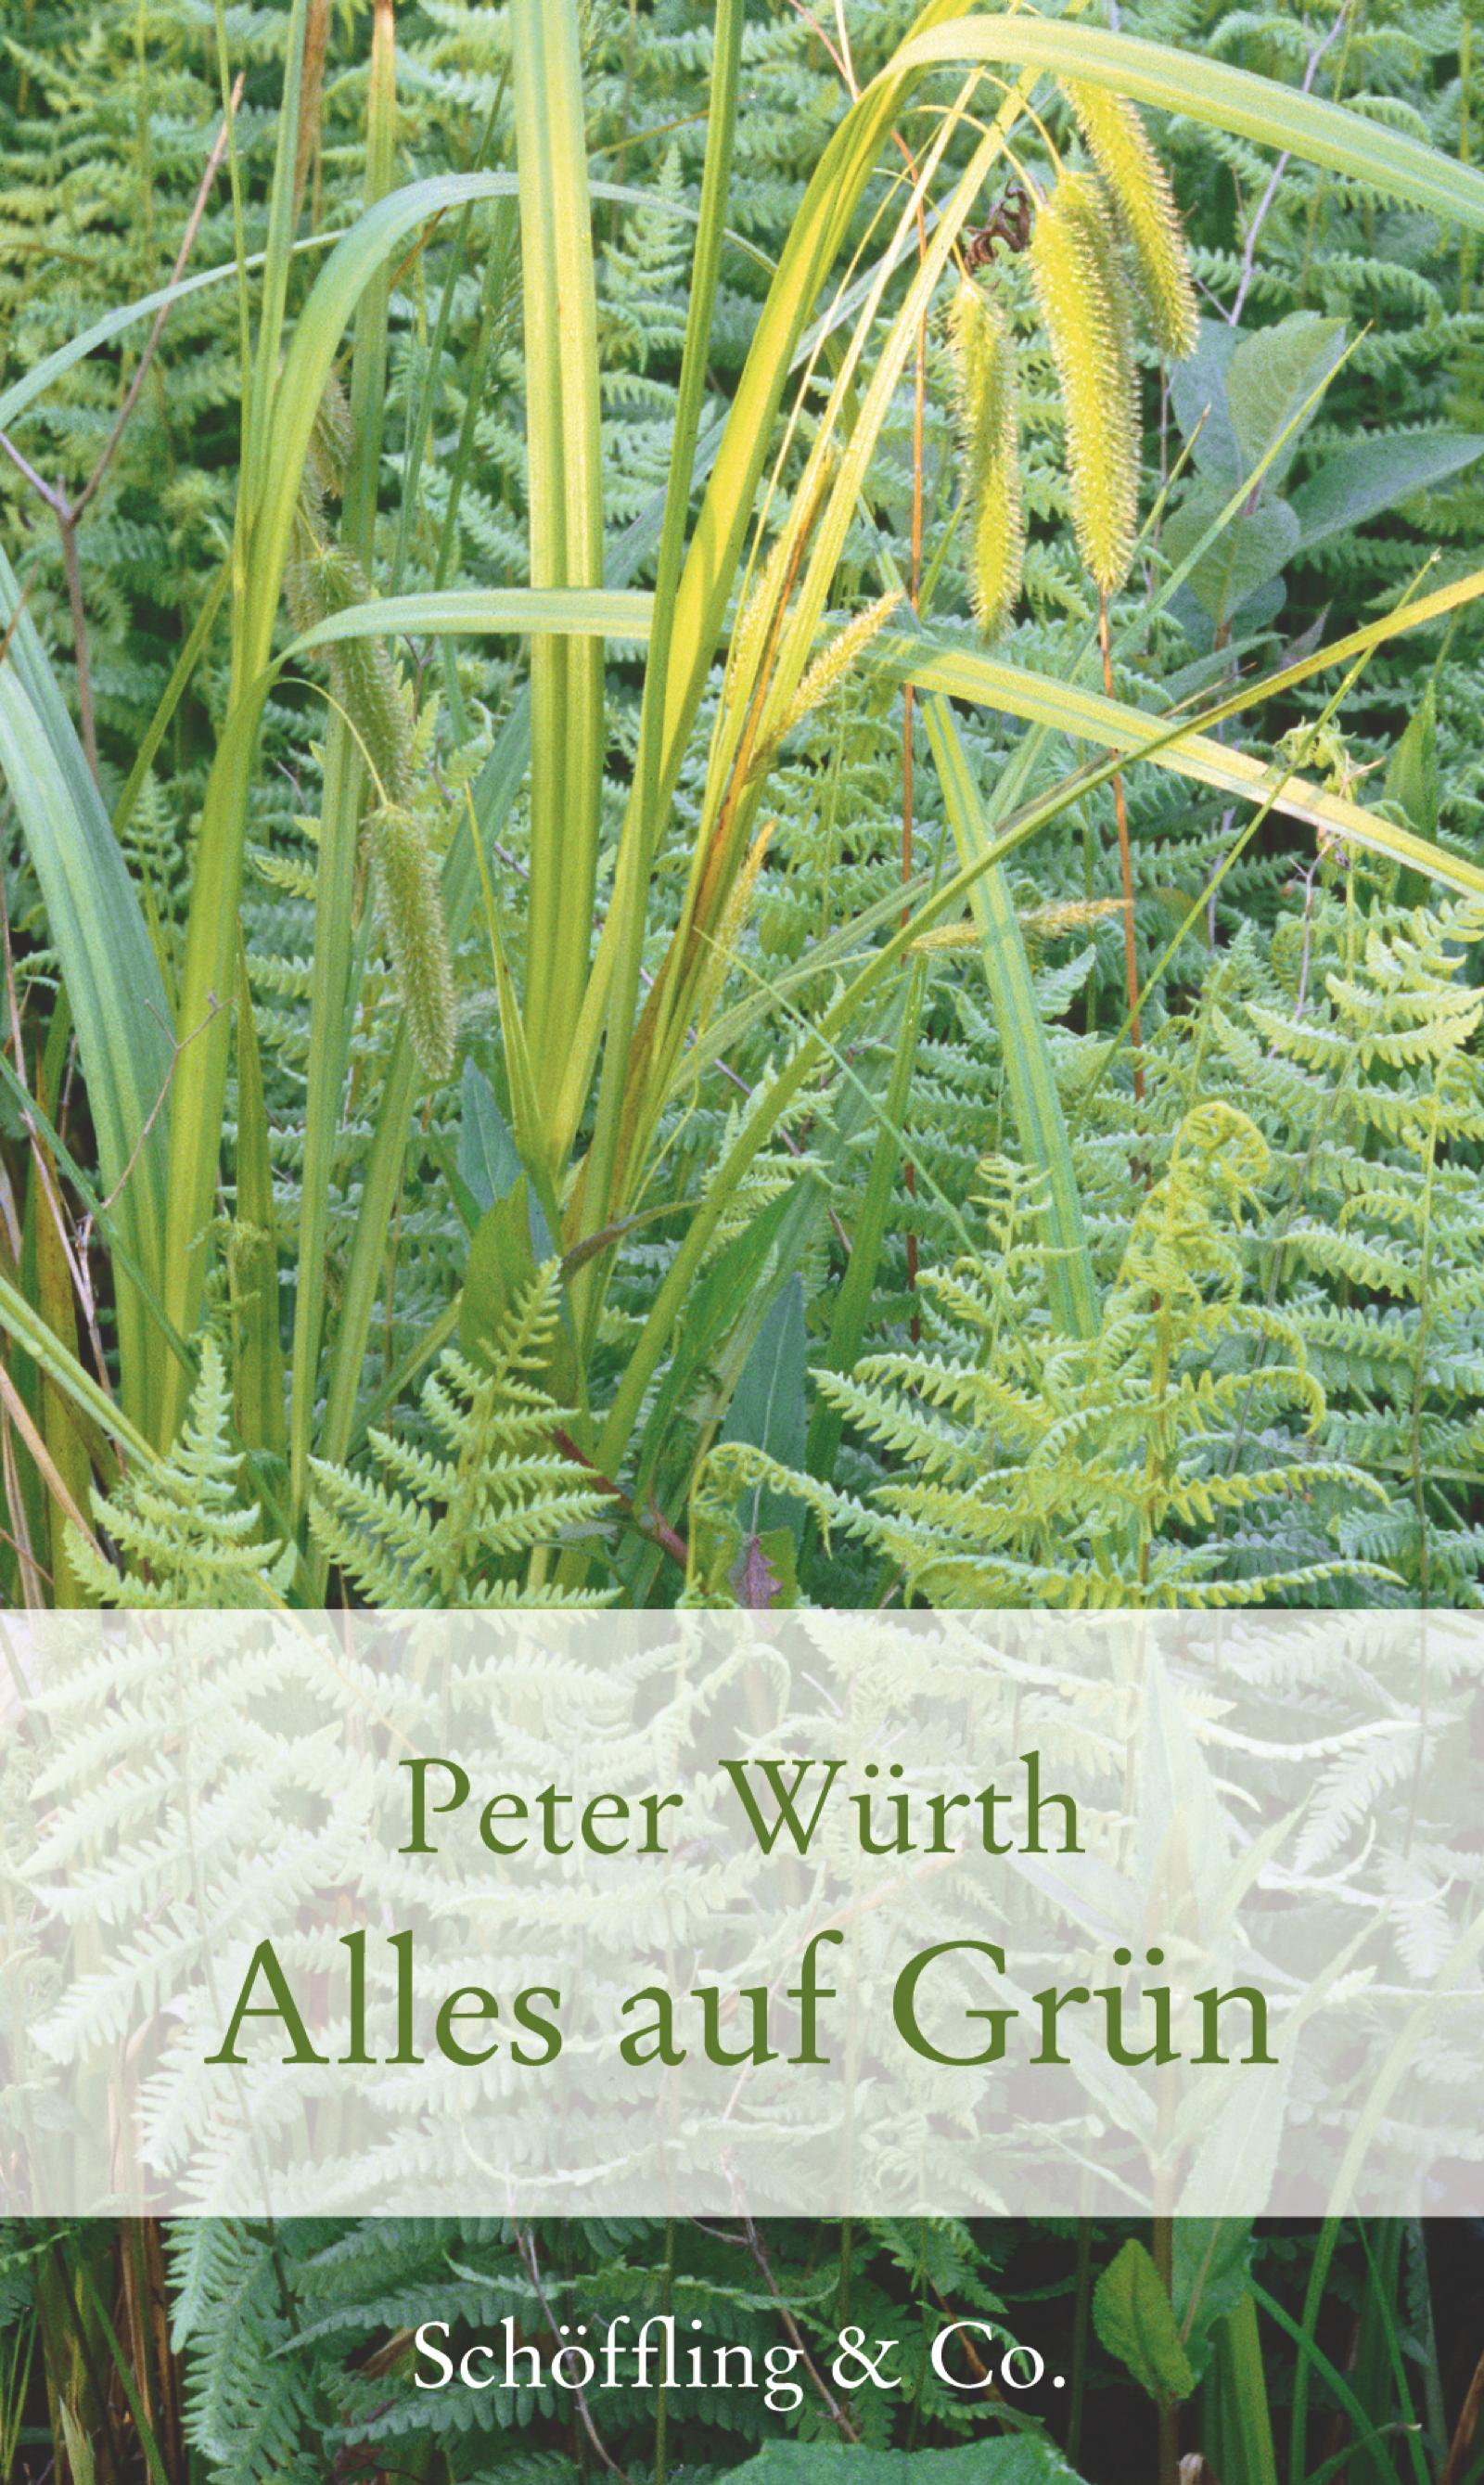 Peter Wurth Alles auf Grün